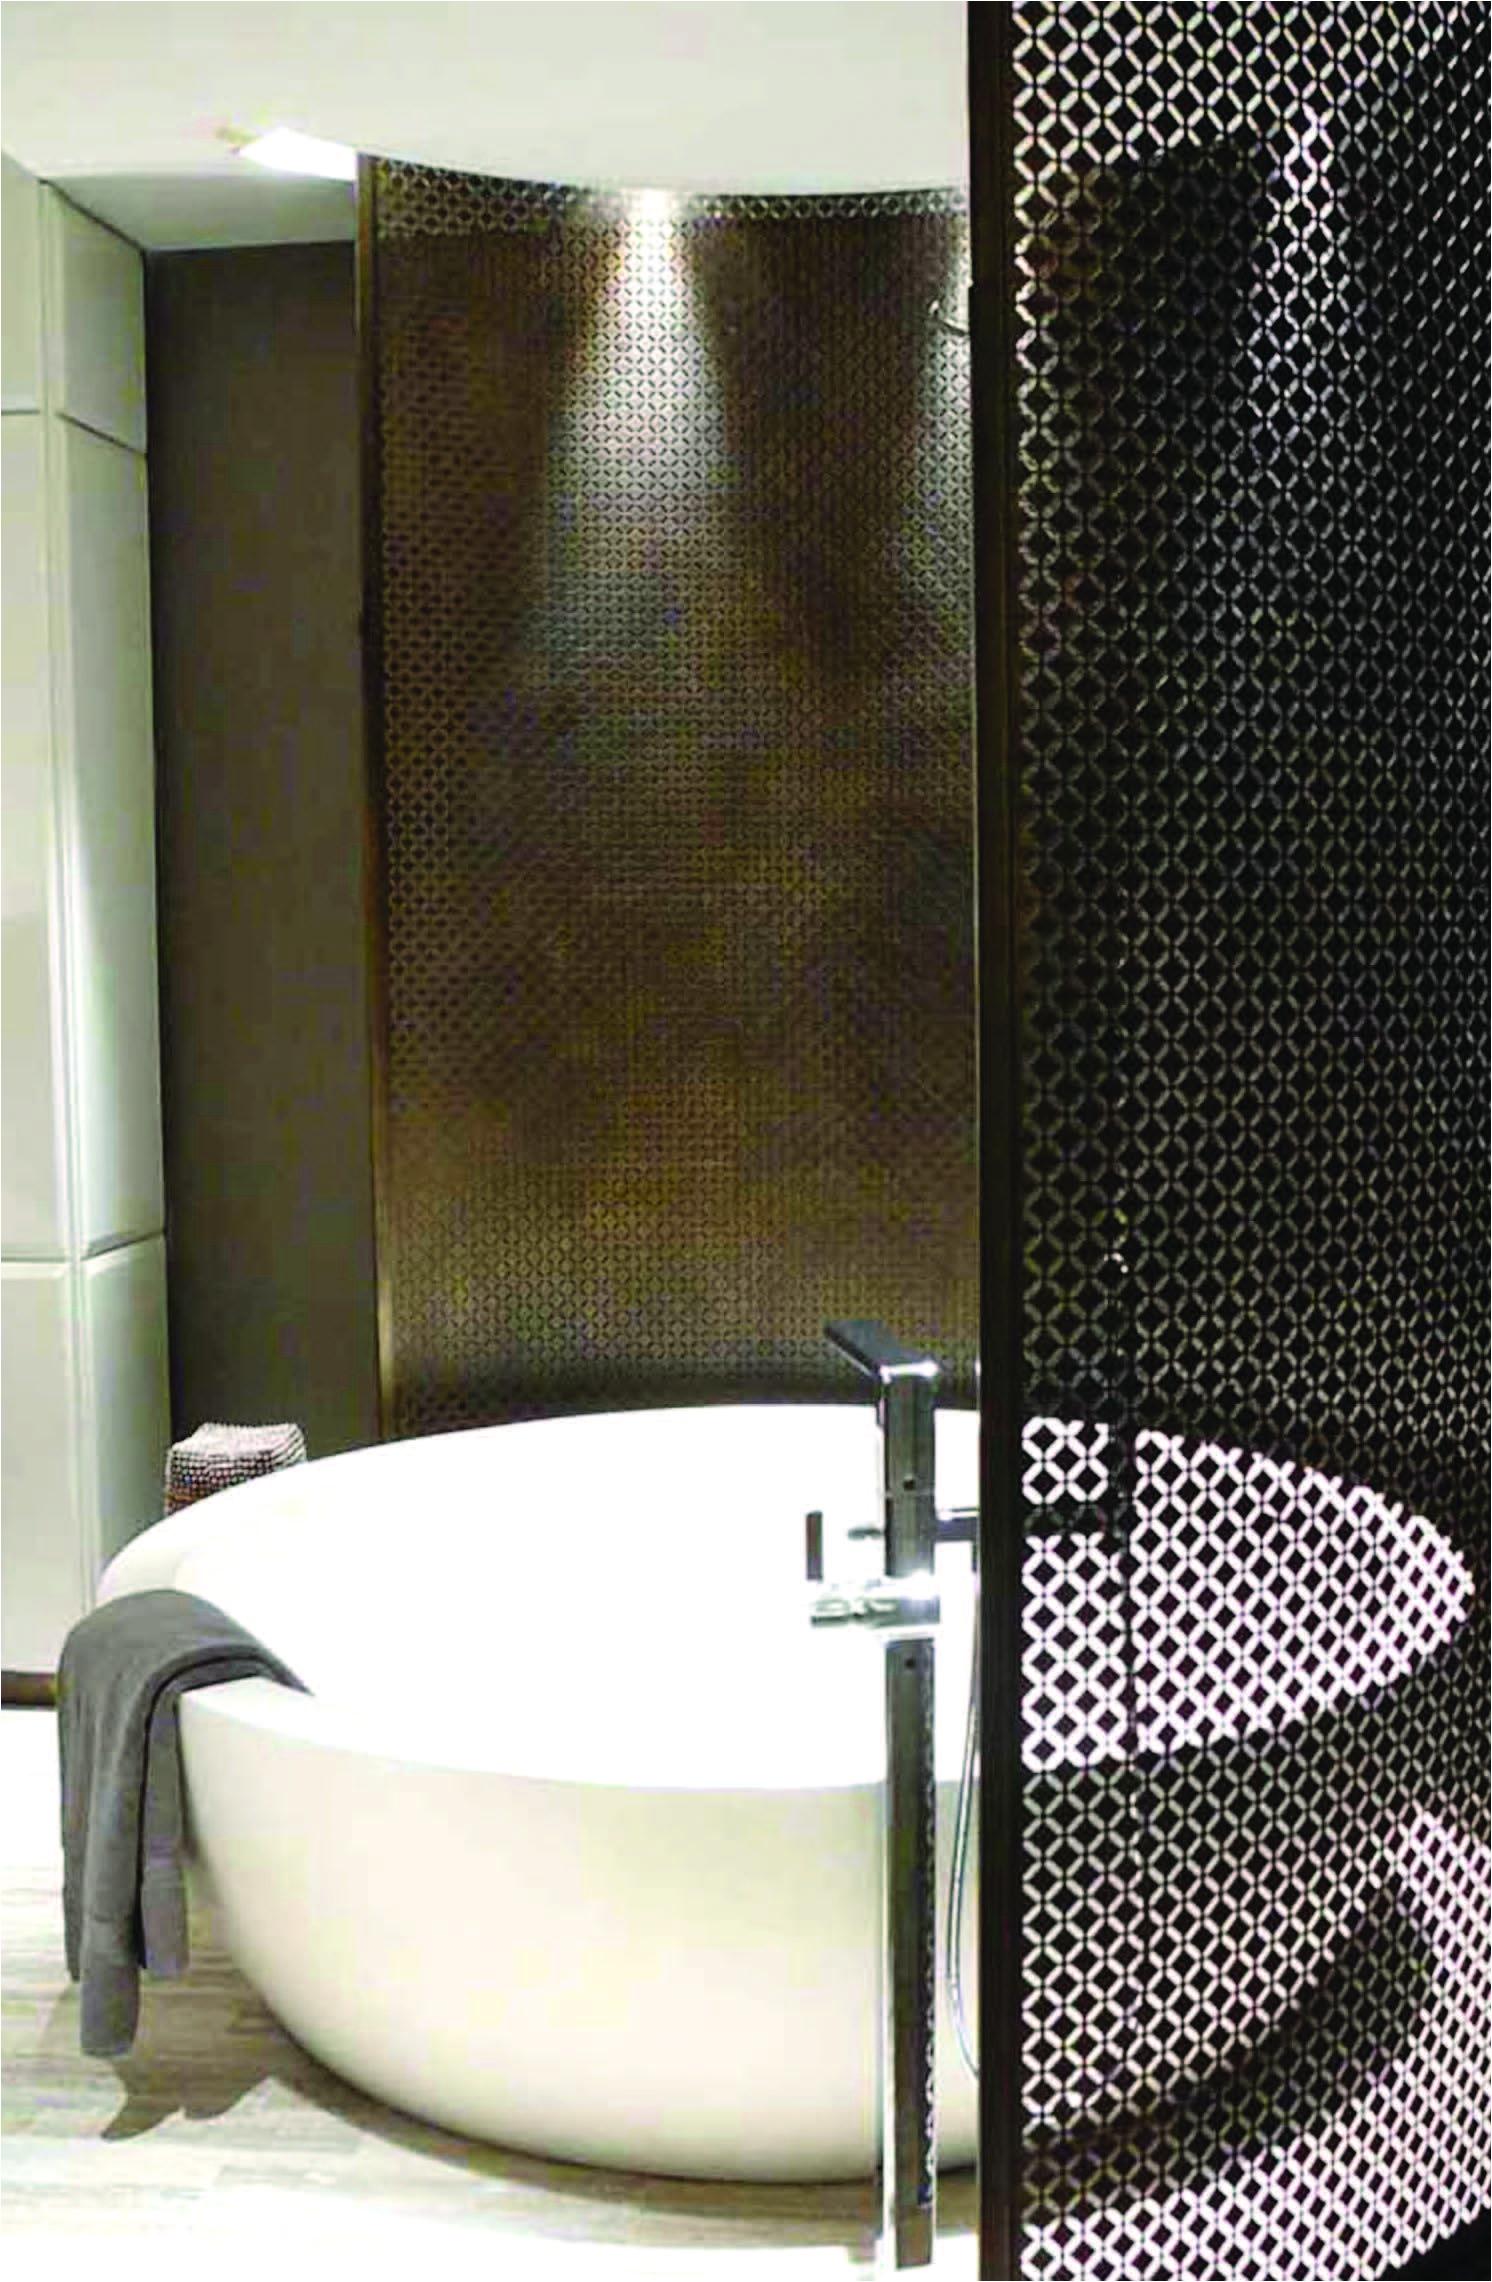 apaisers lunar bath seen here in moscows grand hyatt hotel provides a warm